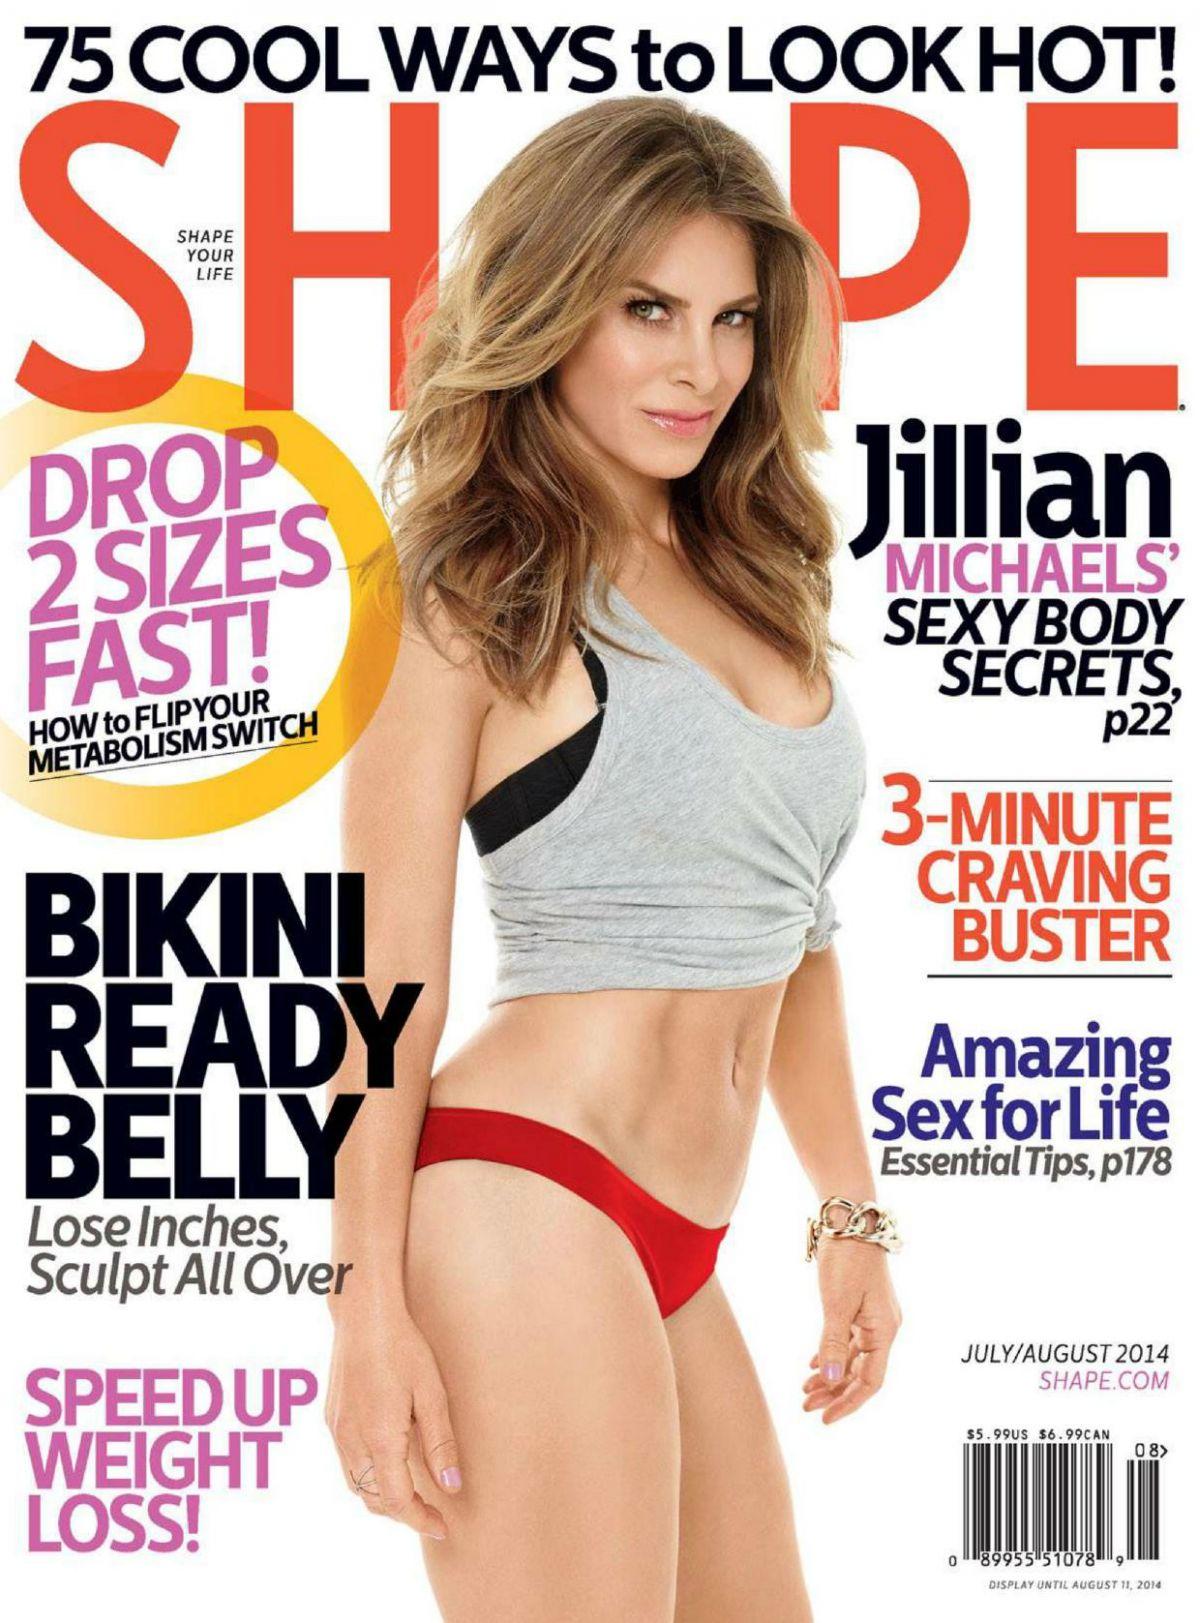 JILLIAN MICHAELS in Shape Magazine, July/August 2014 Issue